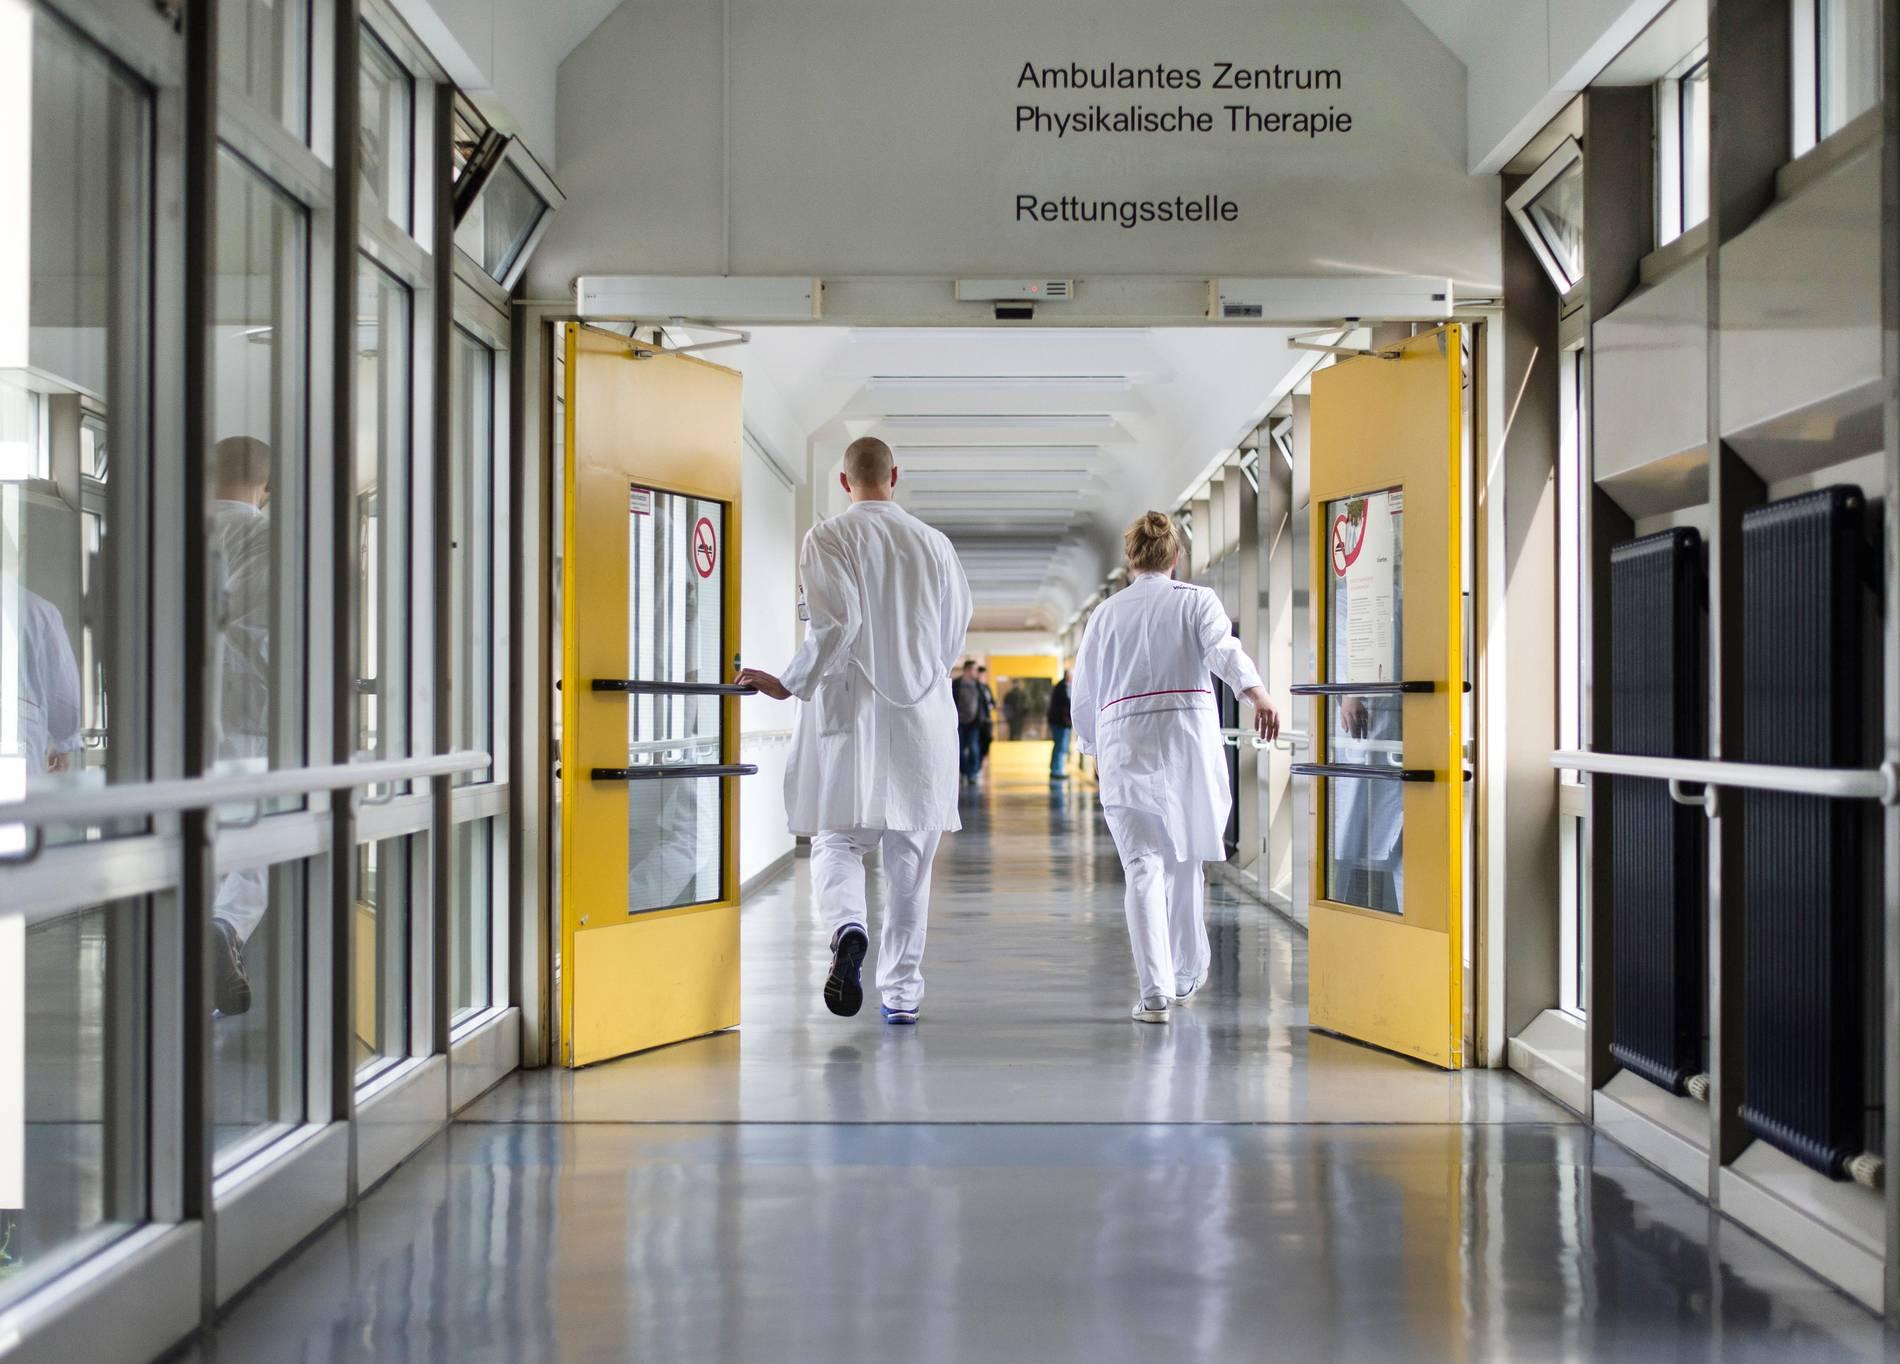 Neue Hüftgelenke oder Knieglenke: Das sind gute Kliniken, denen Sie vertrauen können